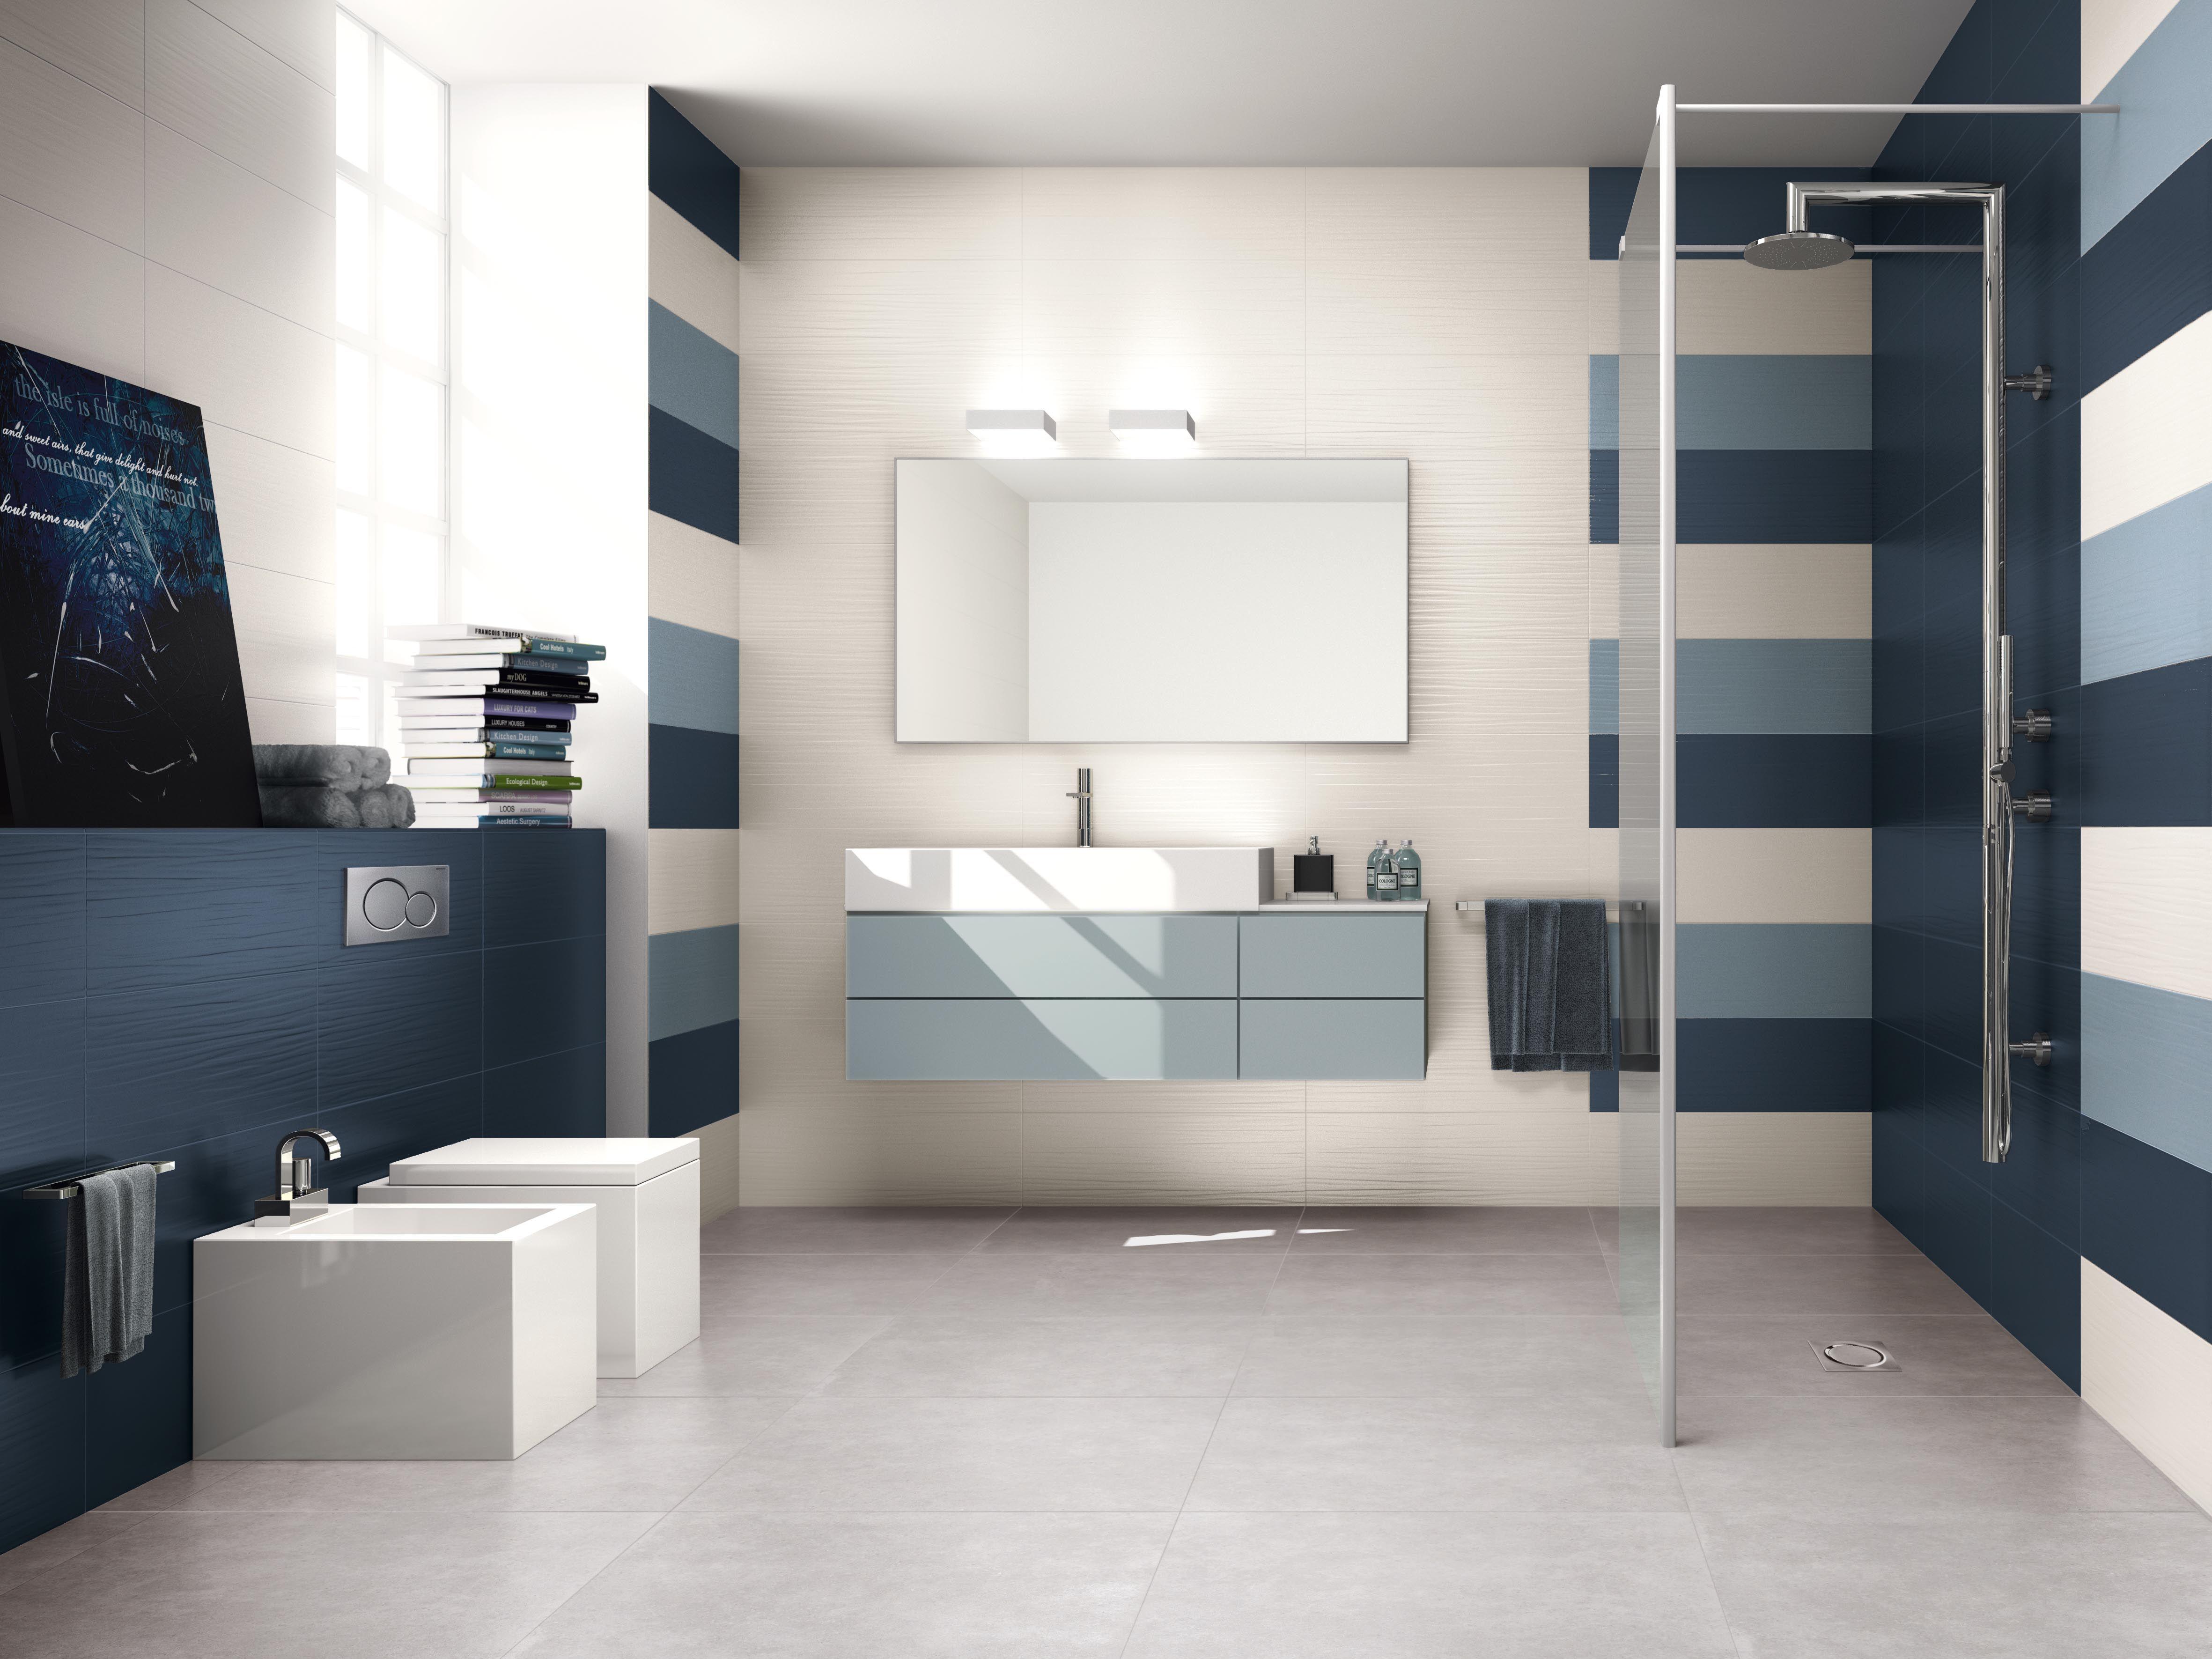 Bagno realizzato con i colori Blu e Avio della collezione Lace. Versatilità ed eleganza sono le ...